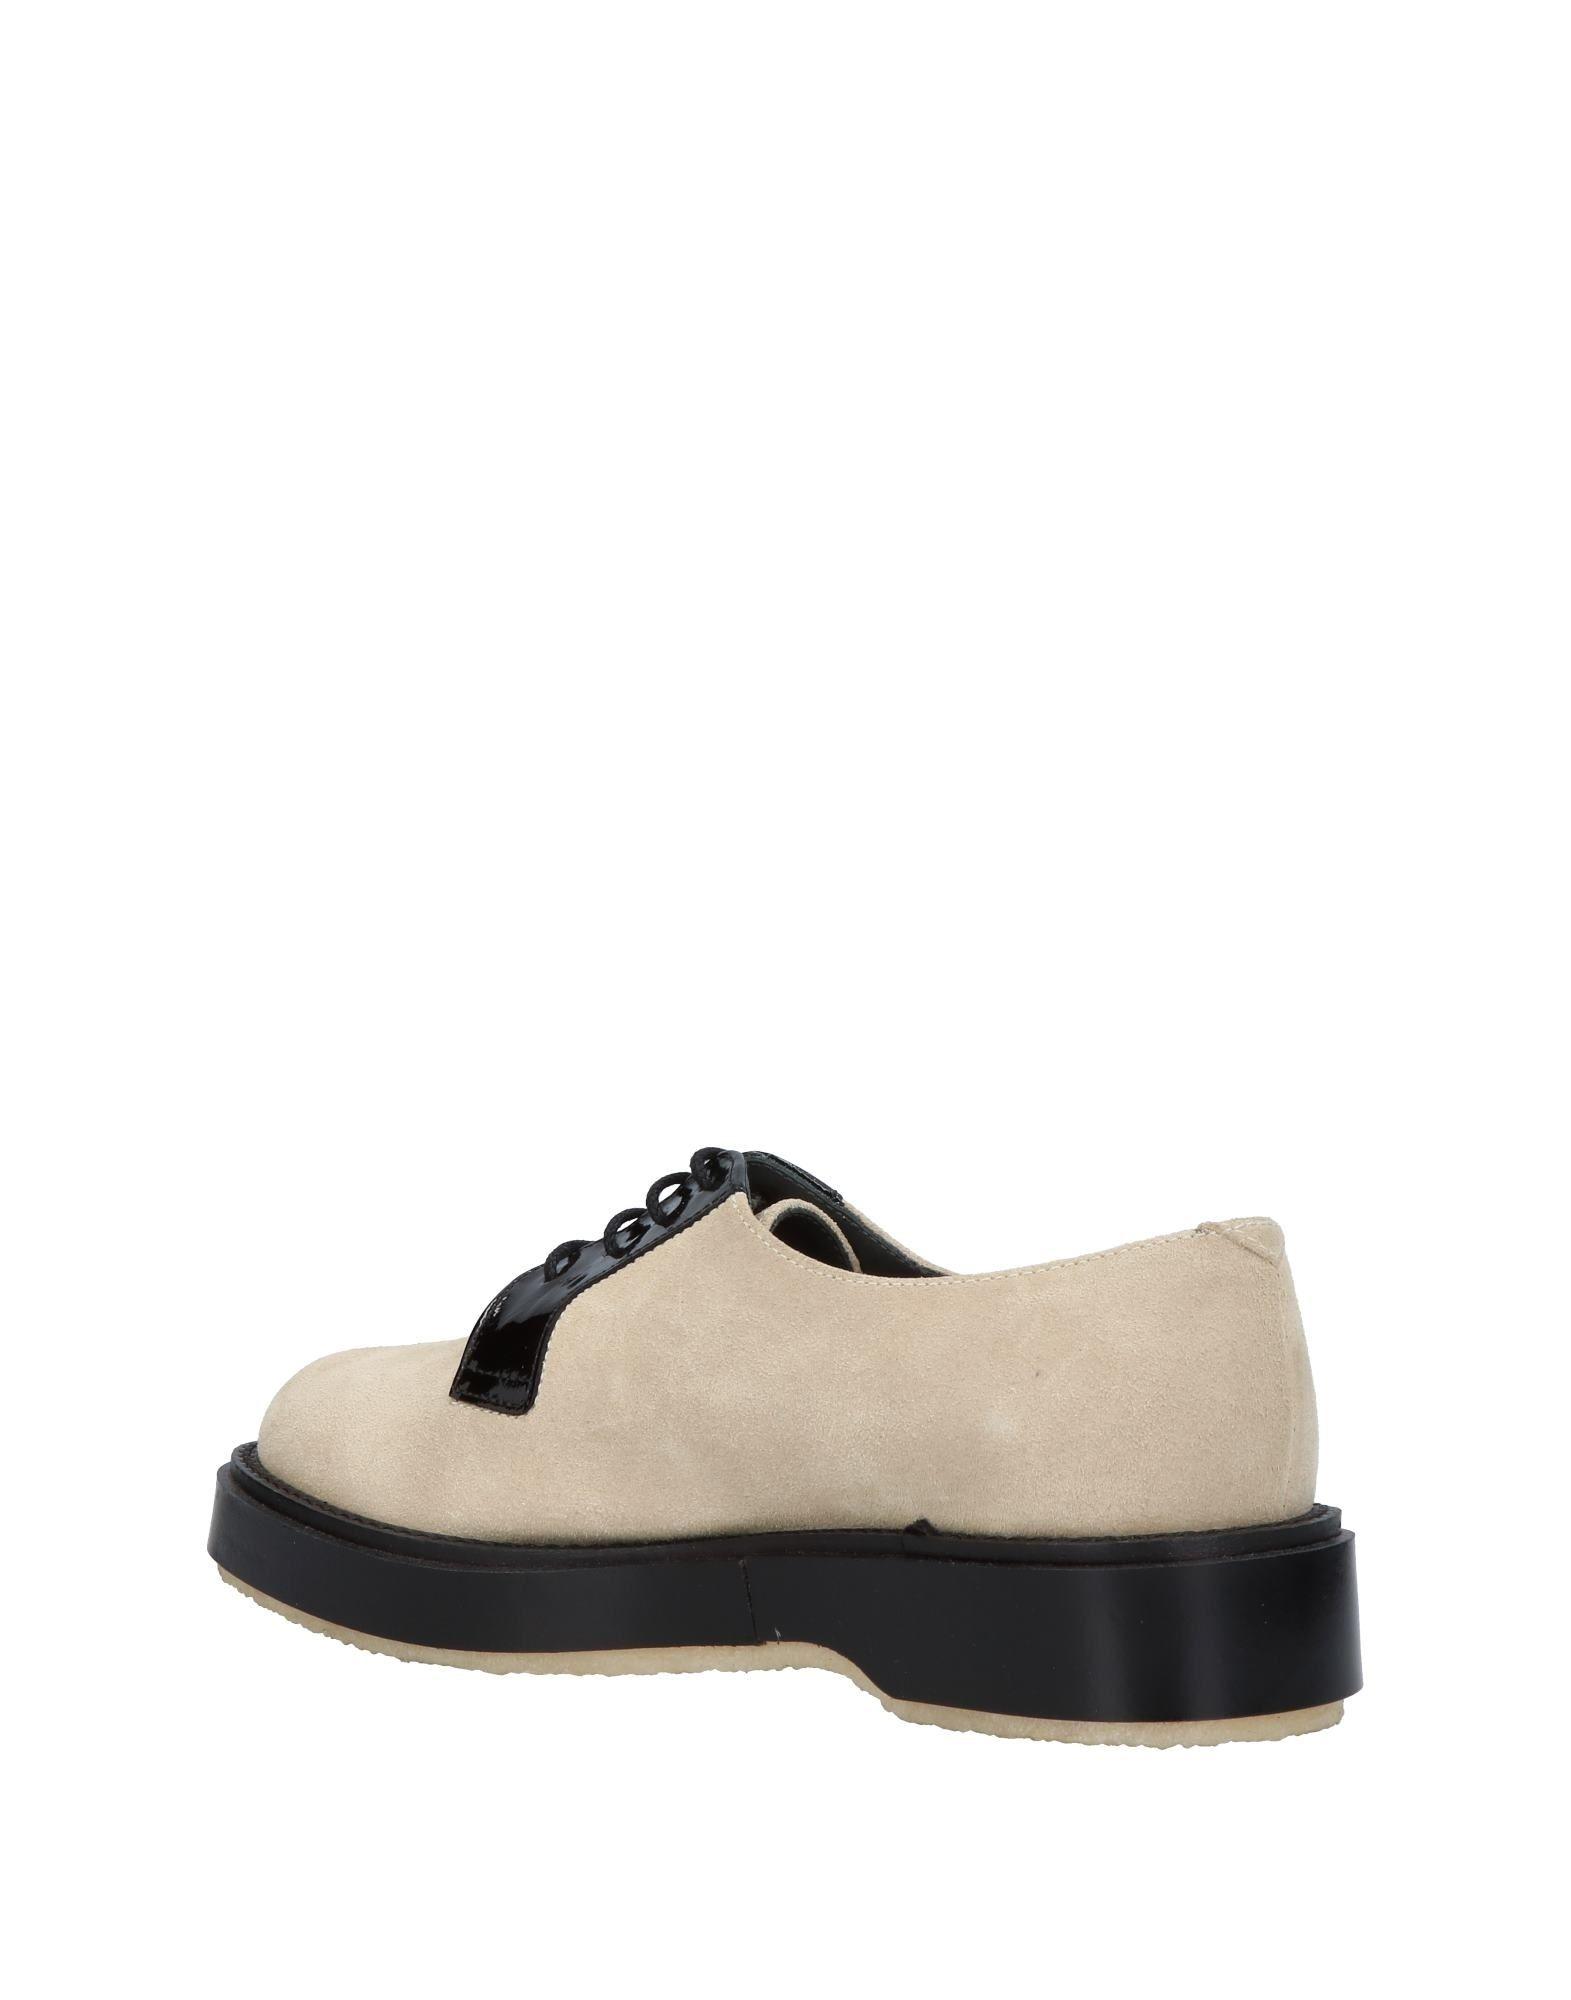 CHAUSSURES - Chaussures à lacetsAdieu EnfsHWf